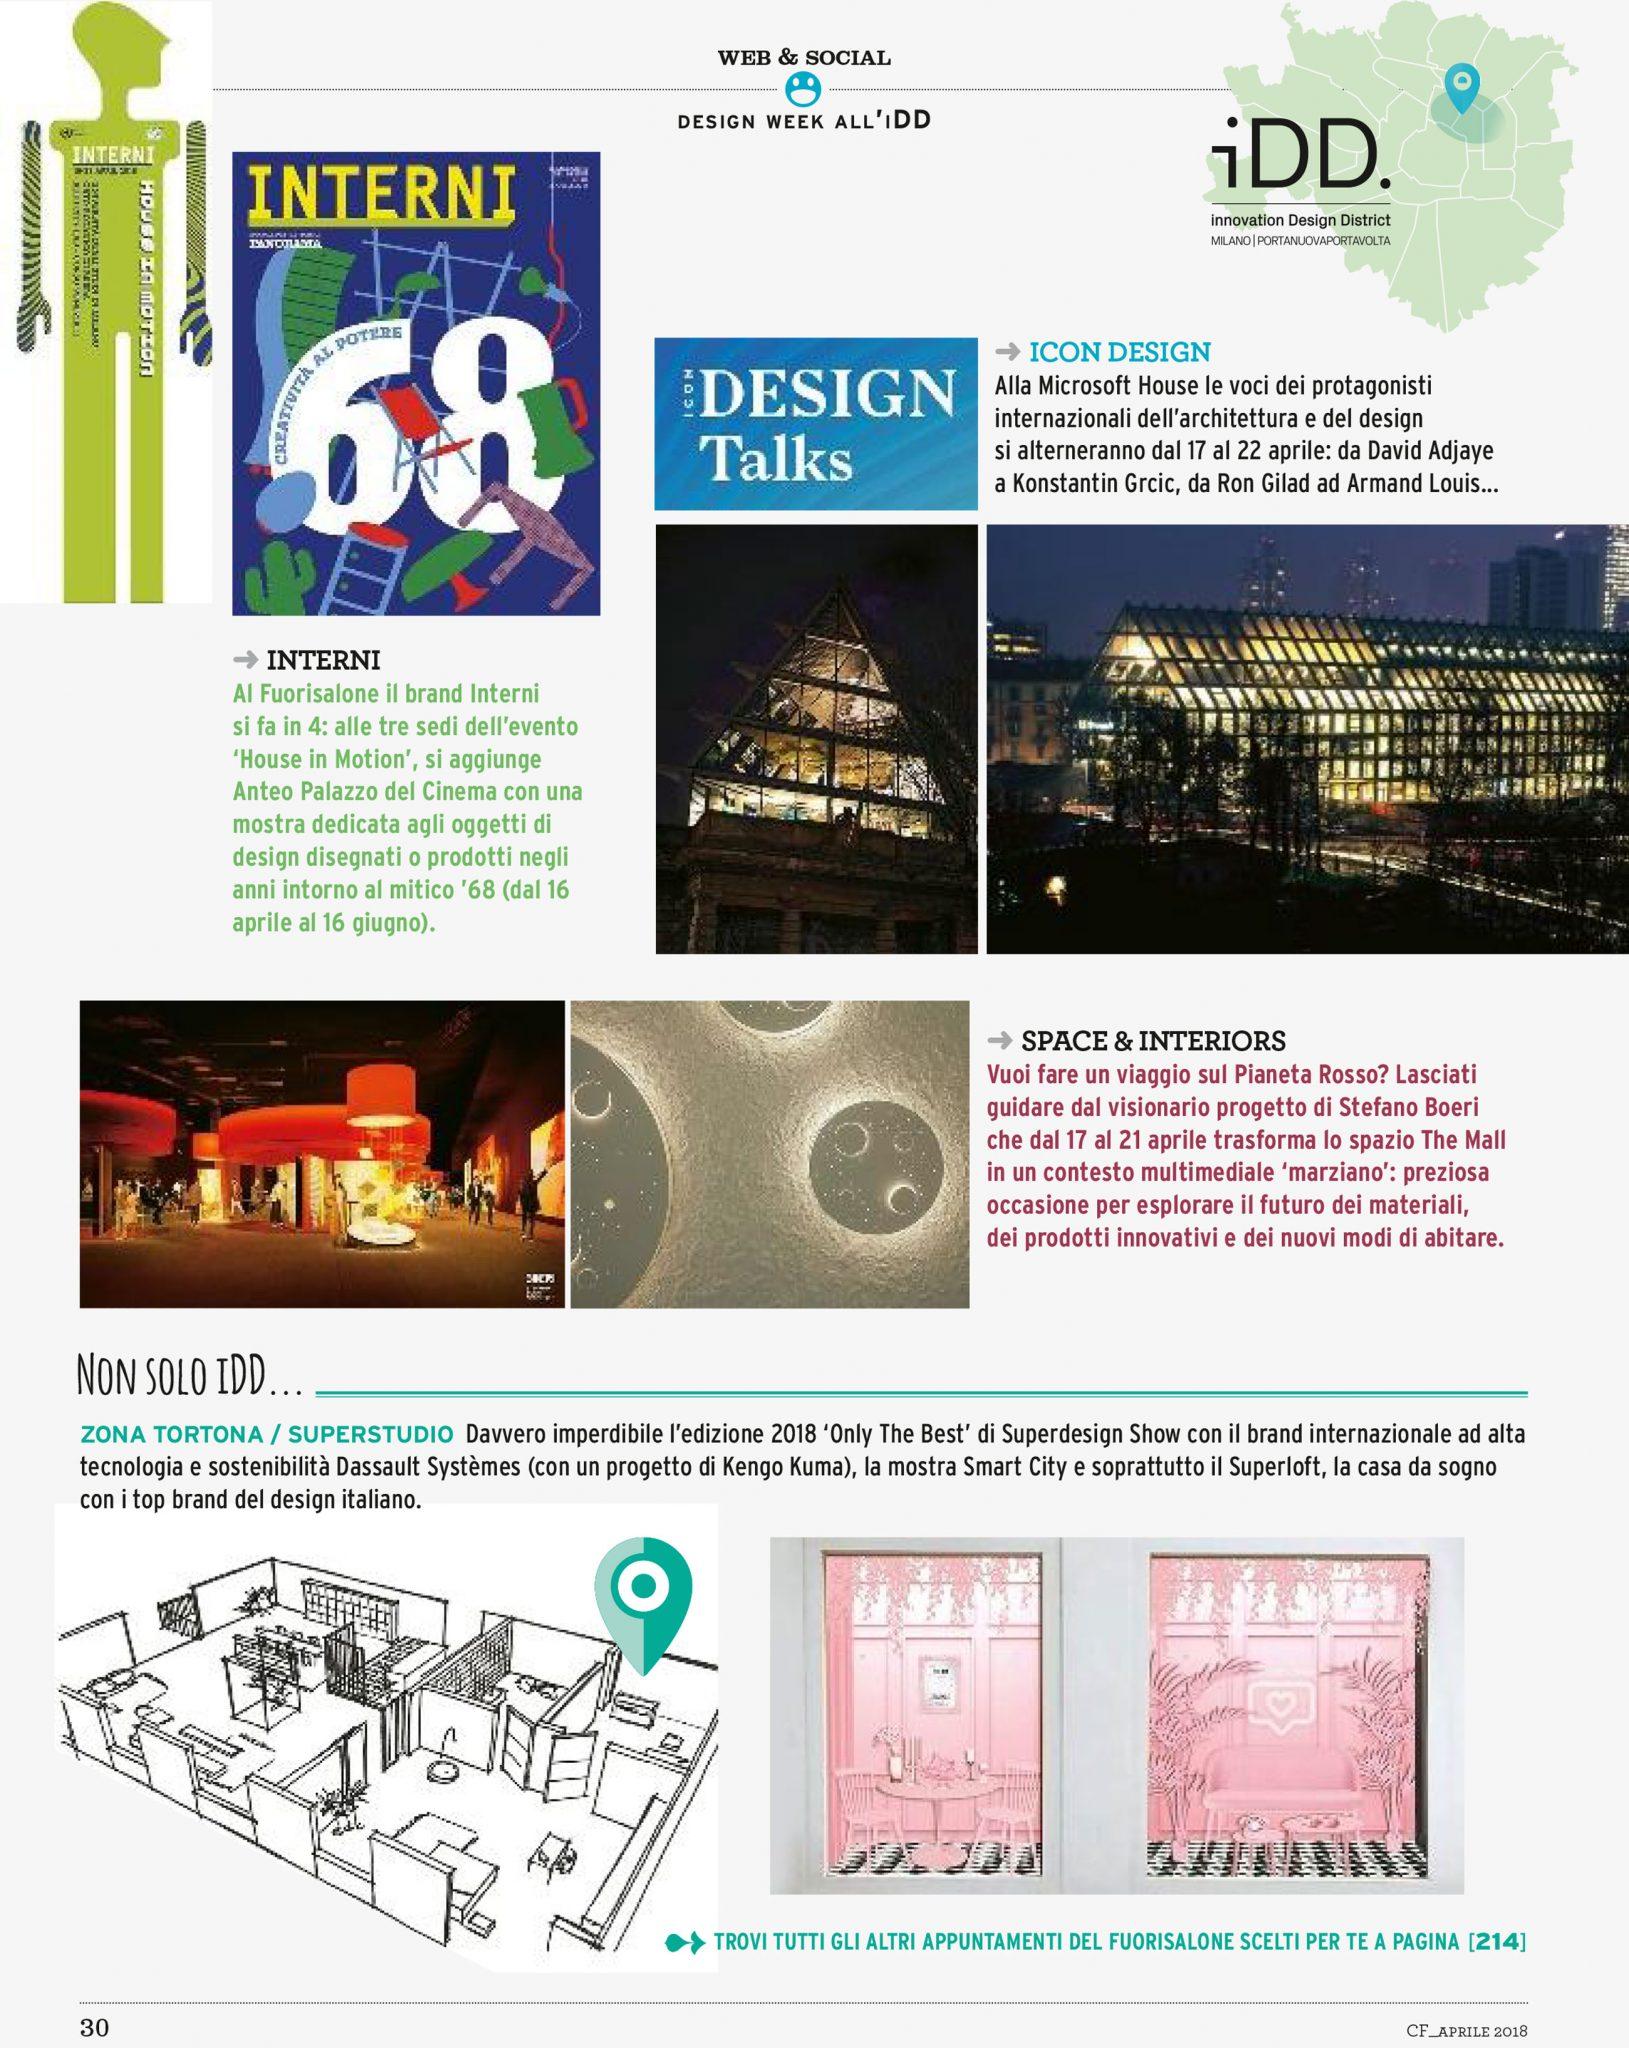 Studio di architettura d'interni a milano. Casa Facile Space Interiors A Trip To The Red Planet Stefano Boeri Architetti